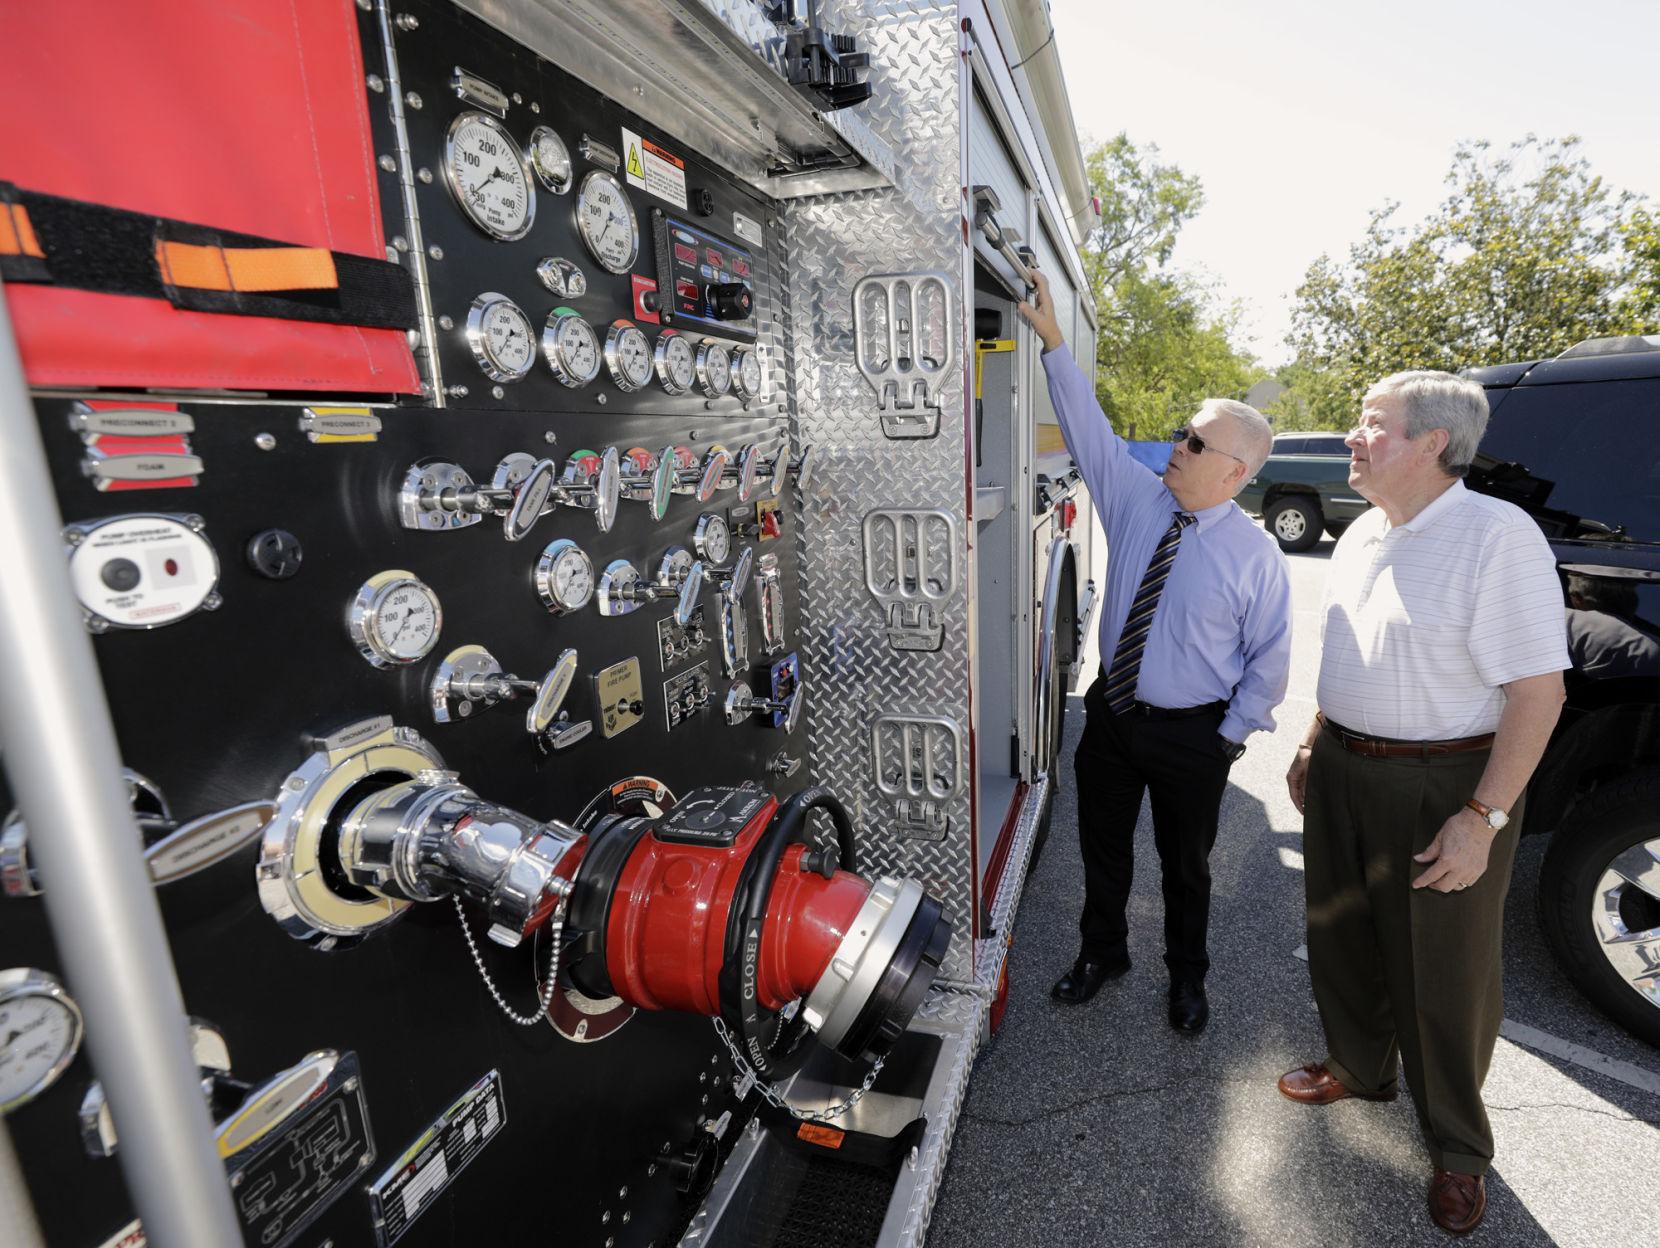 Fuller Fire Truck